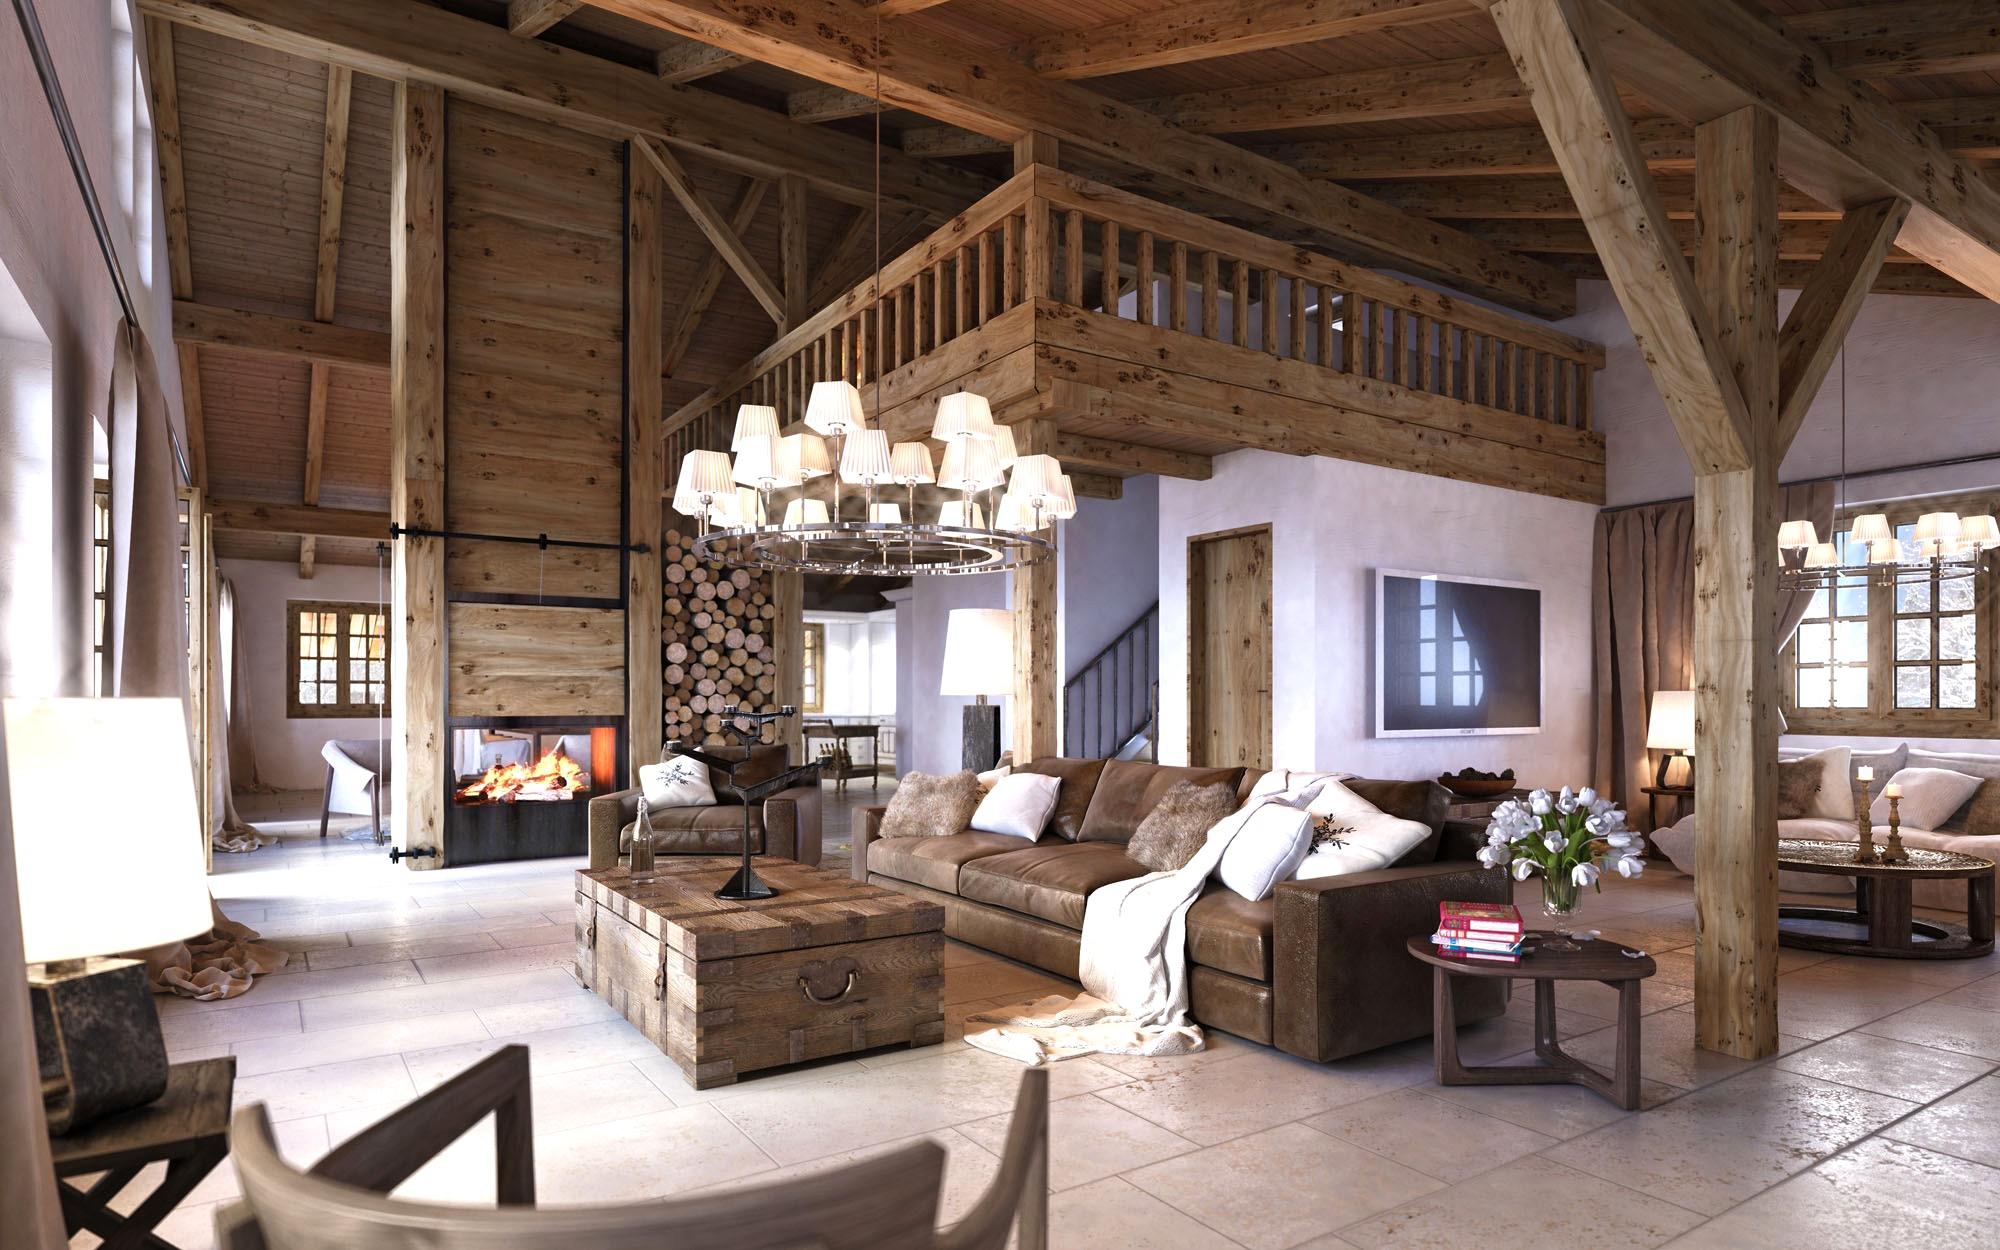 Kamin Modern Wohnzimmer Interessant On Innerhalb Gemutlich Gemtlich Gut Moderne Deko 4